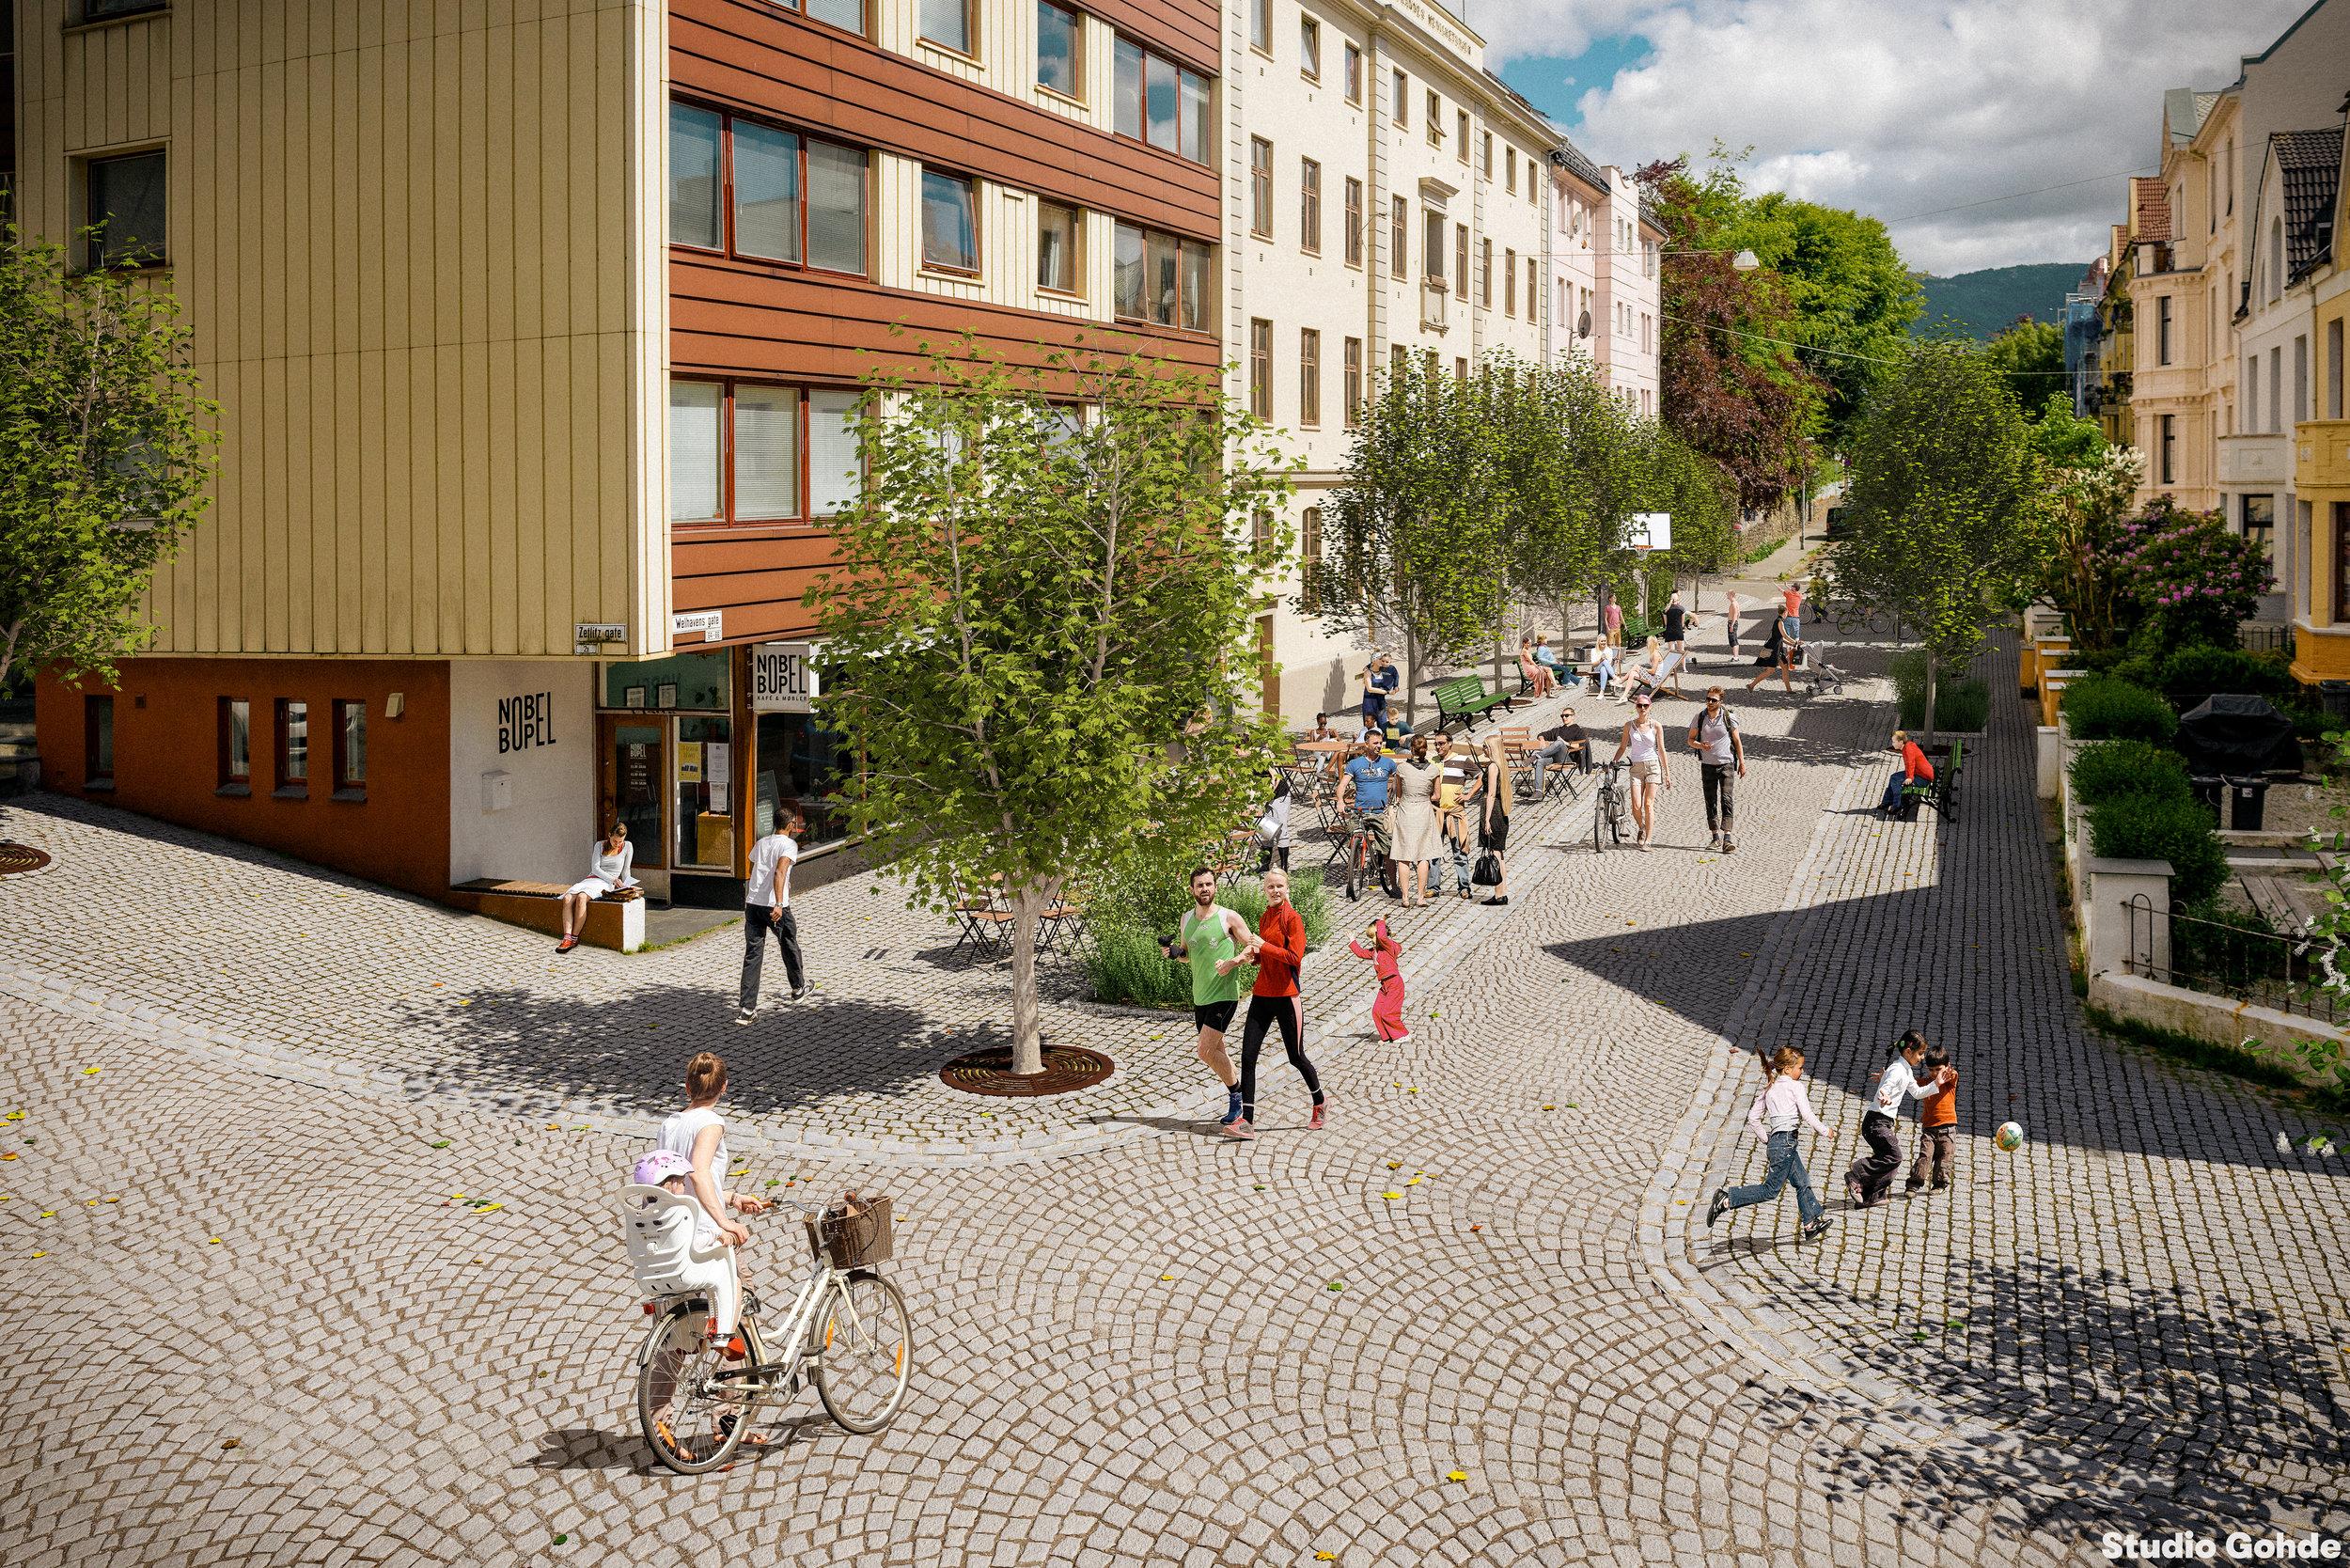 Illustrasjon av Wellhavens gate, slik den kunne sett ut om den var bilfri til daglig. Laget av Studio Gohde.  De andre bildene er tatt av Lars Ove Kvalbein.